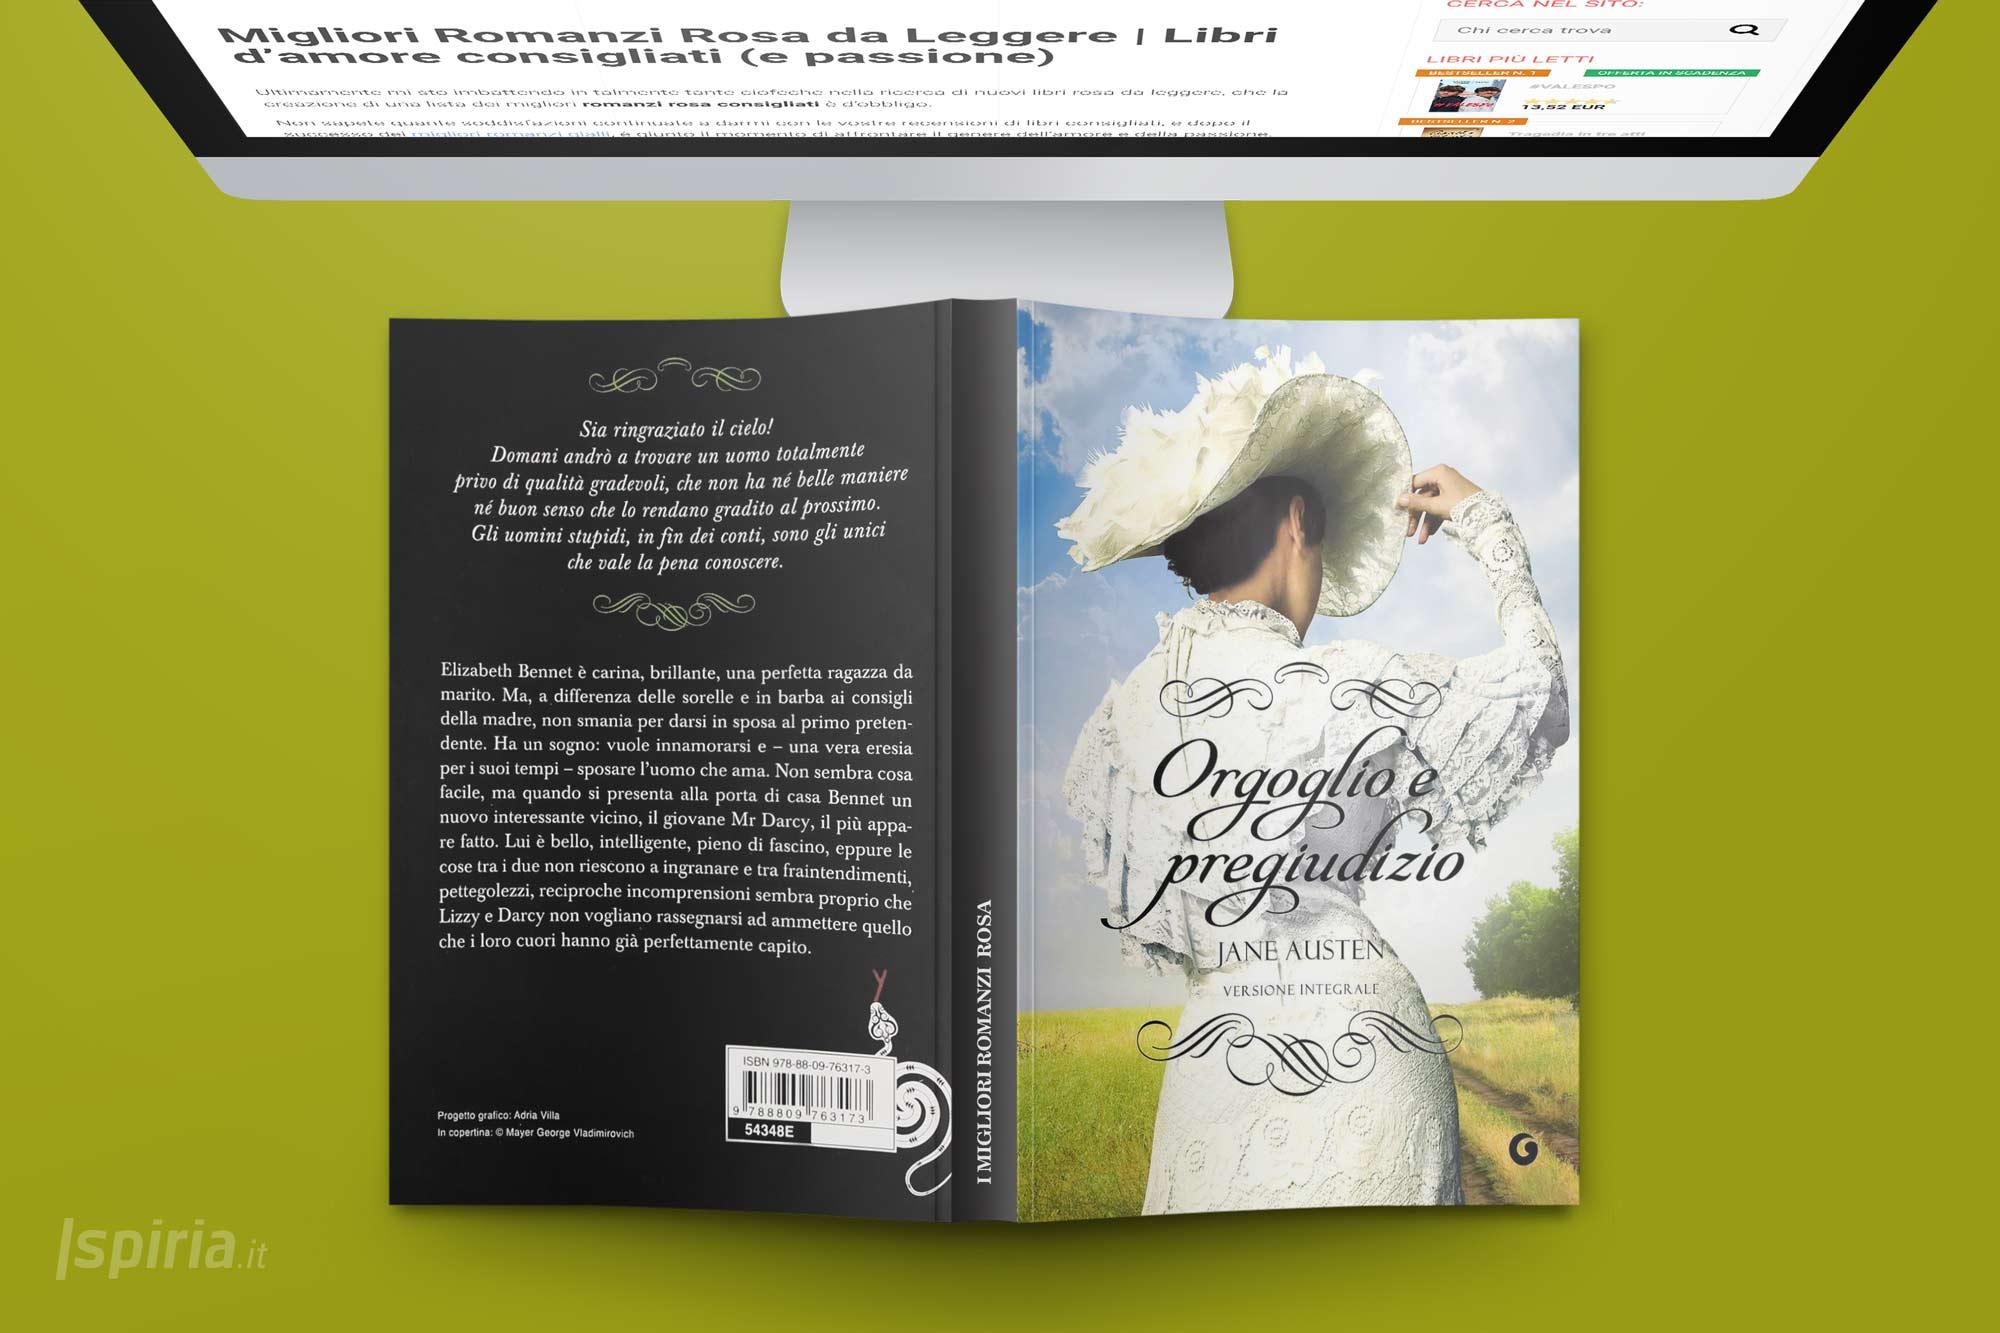 orgoglio-e-pregiudizio-romanzo-rosa